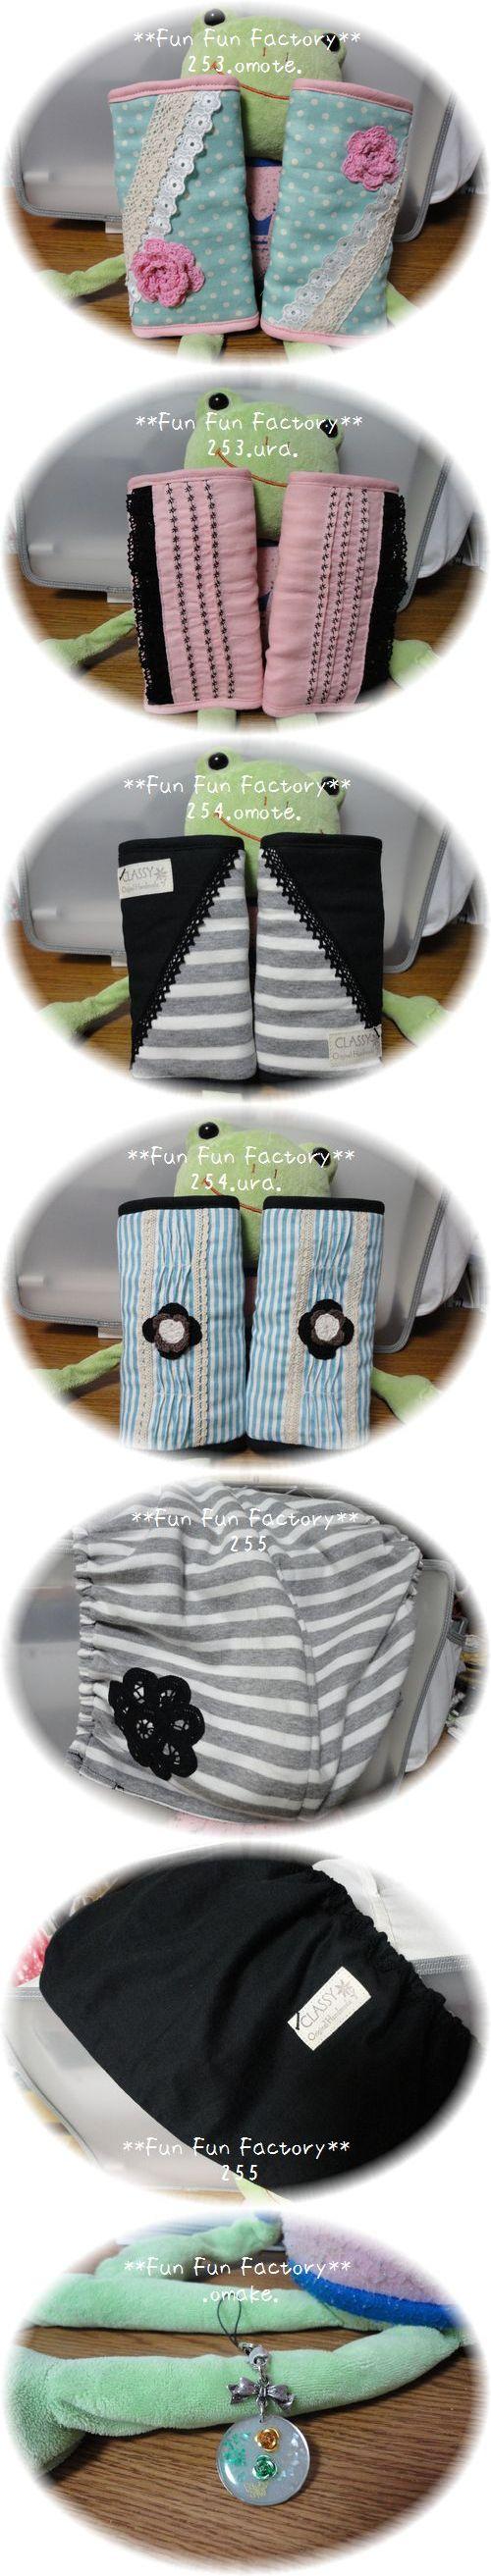 funfun253-255